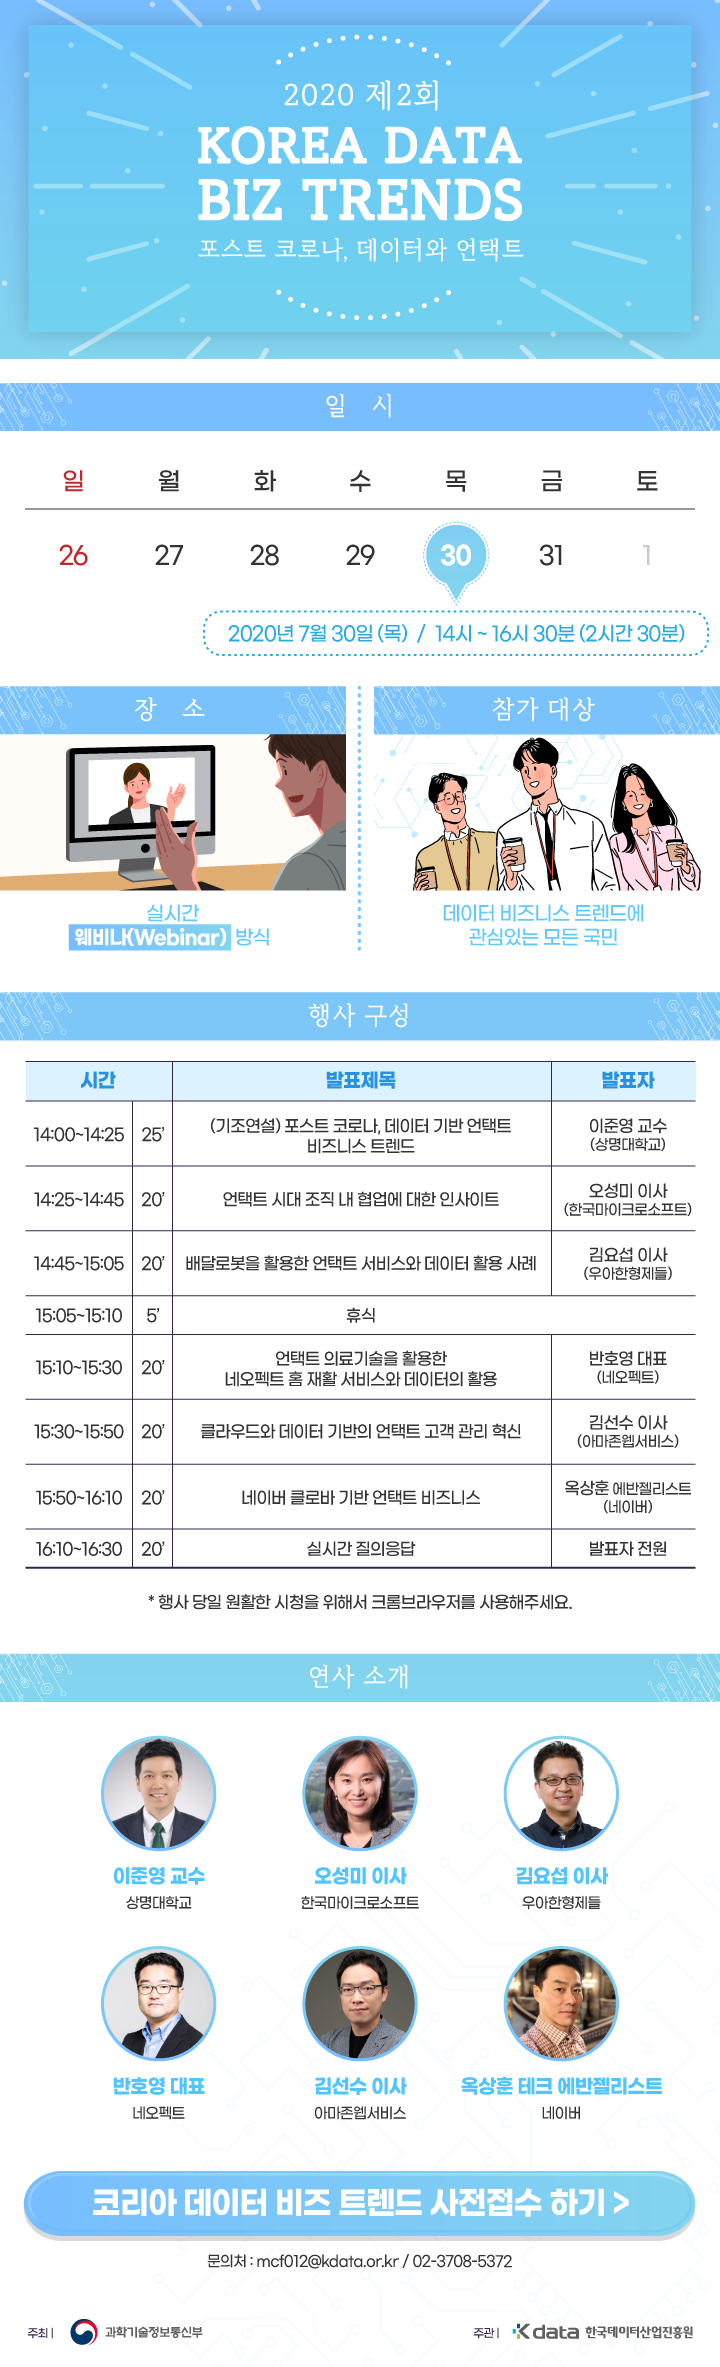 [2020 제 2회 KOREA DATA BIZ TRENDS 온라인 행사]